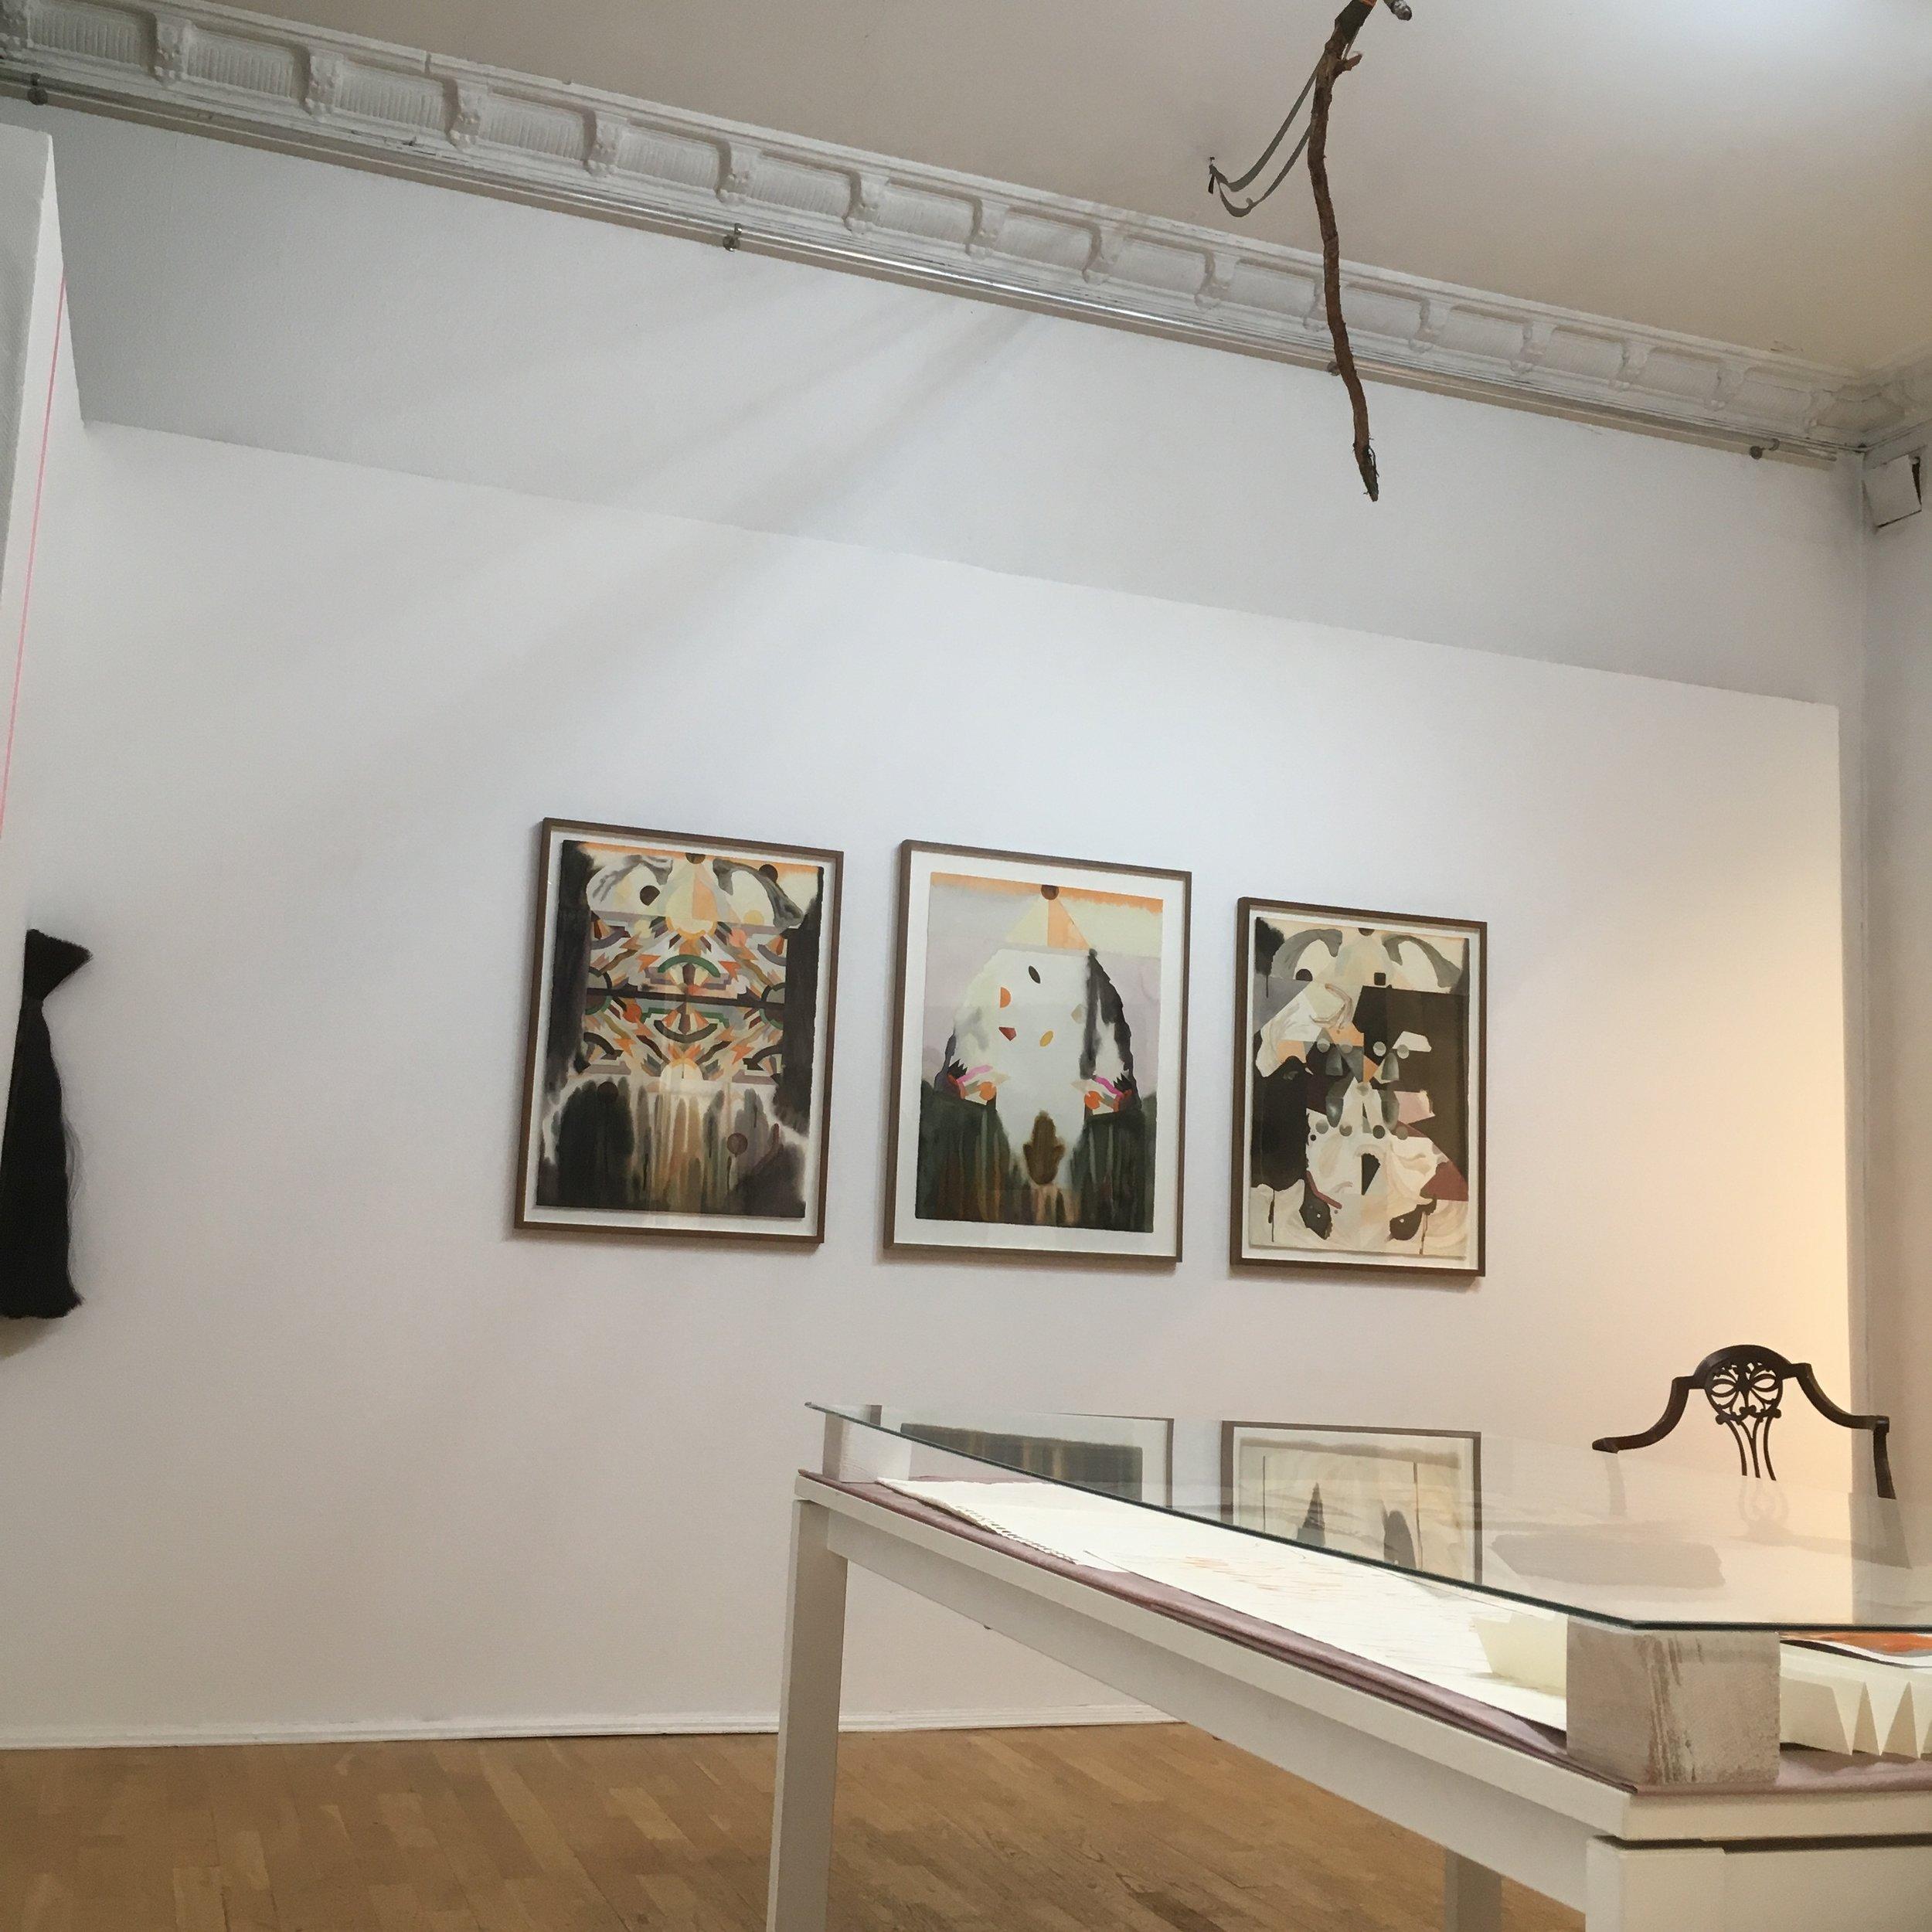 Konstfrämjandet Värmland, 2017